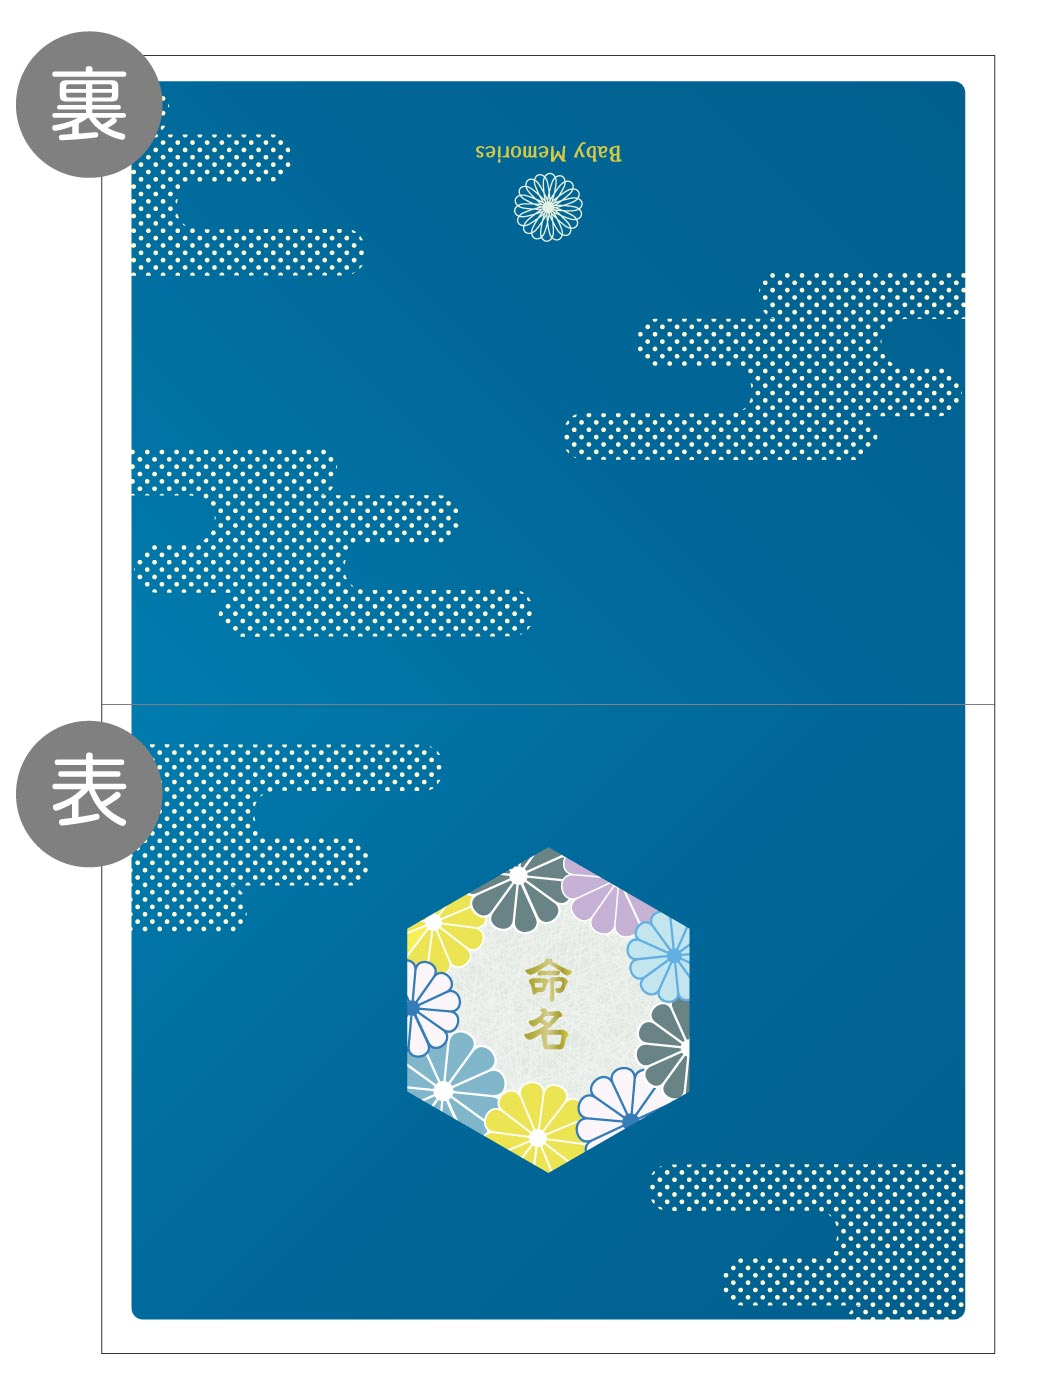 04-2.横向き和風モダン青